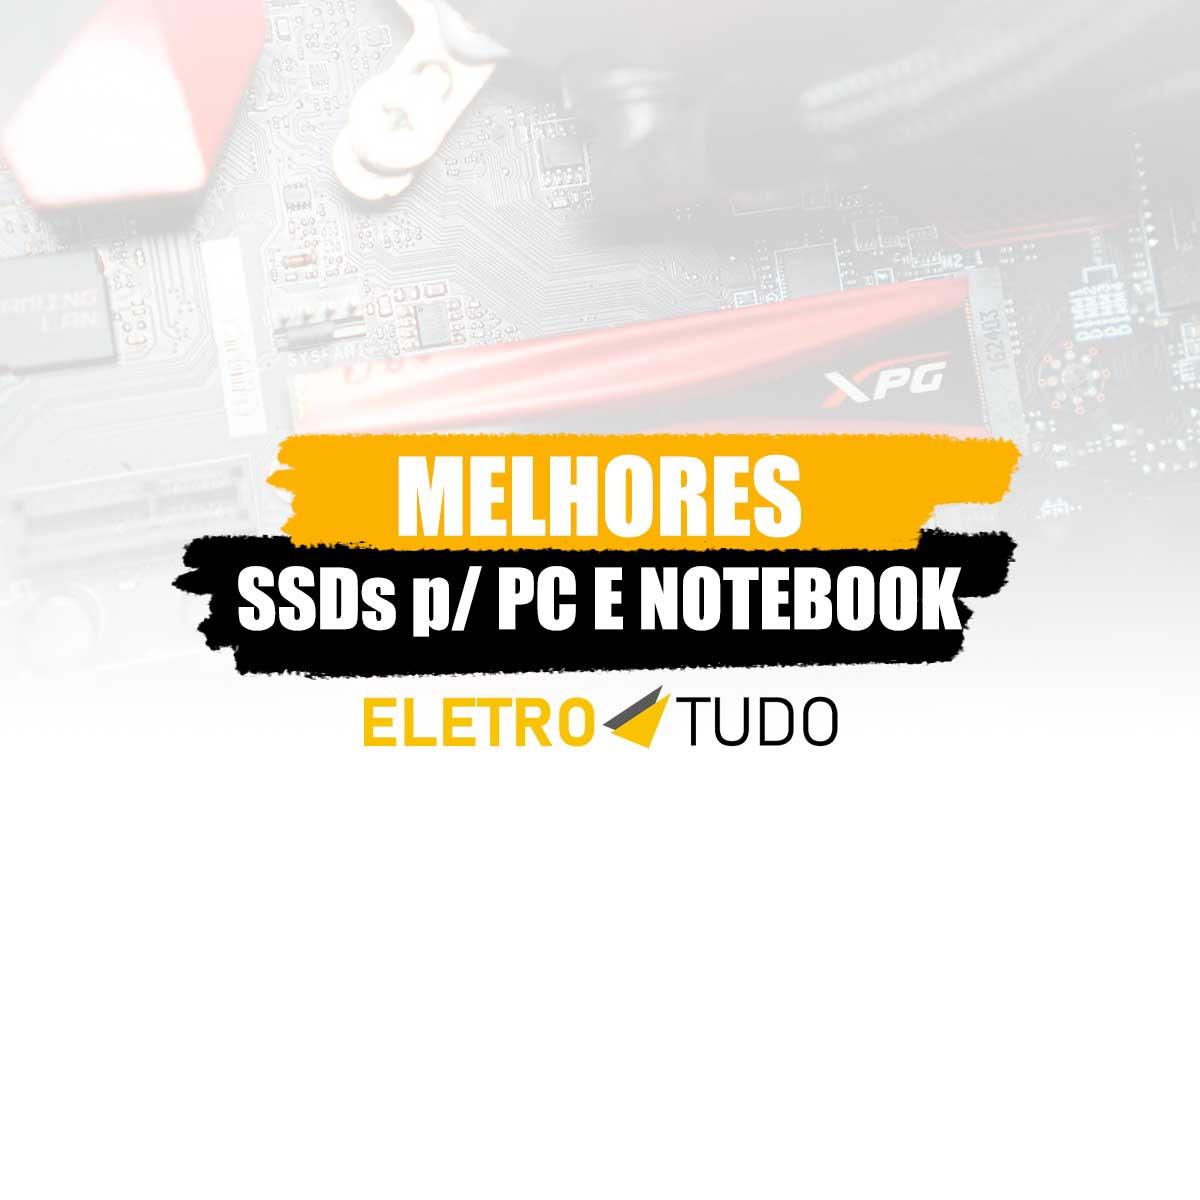 melhor SSD para pc e notebook